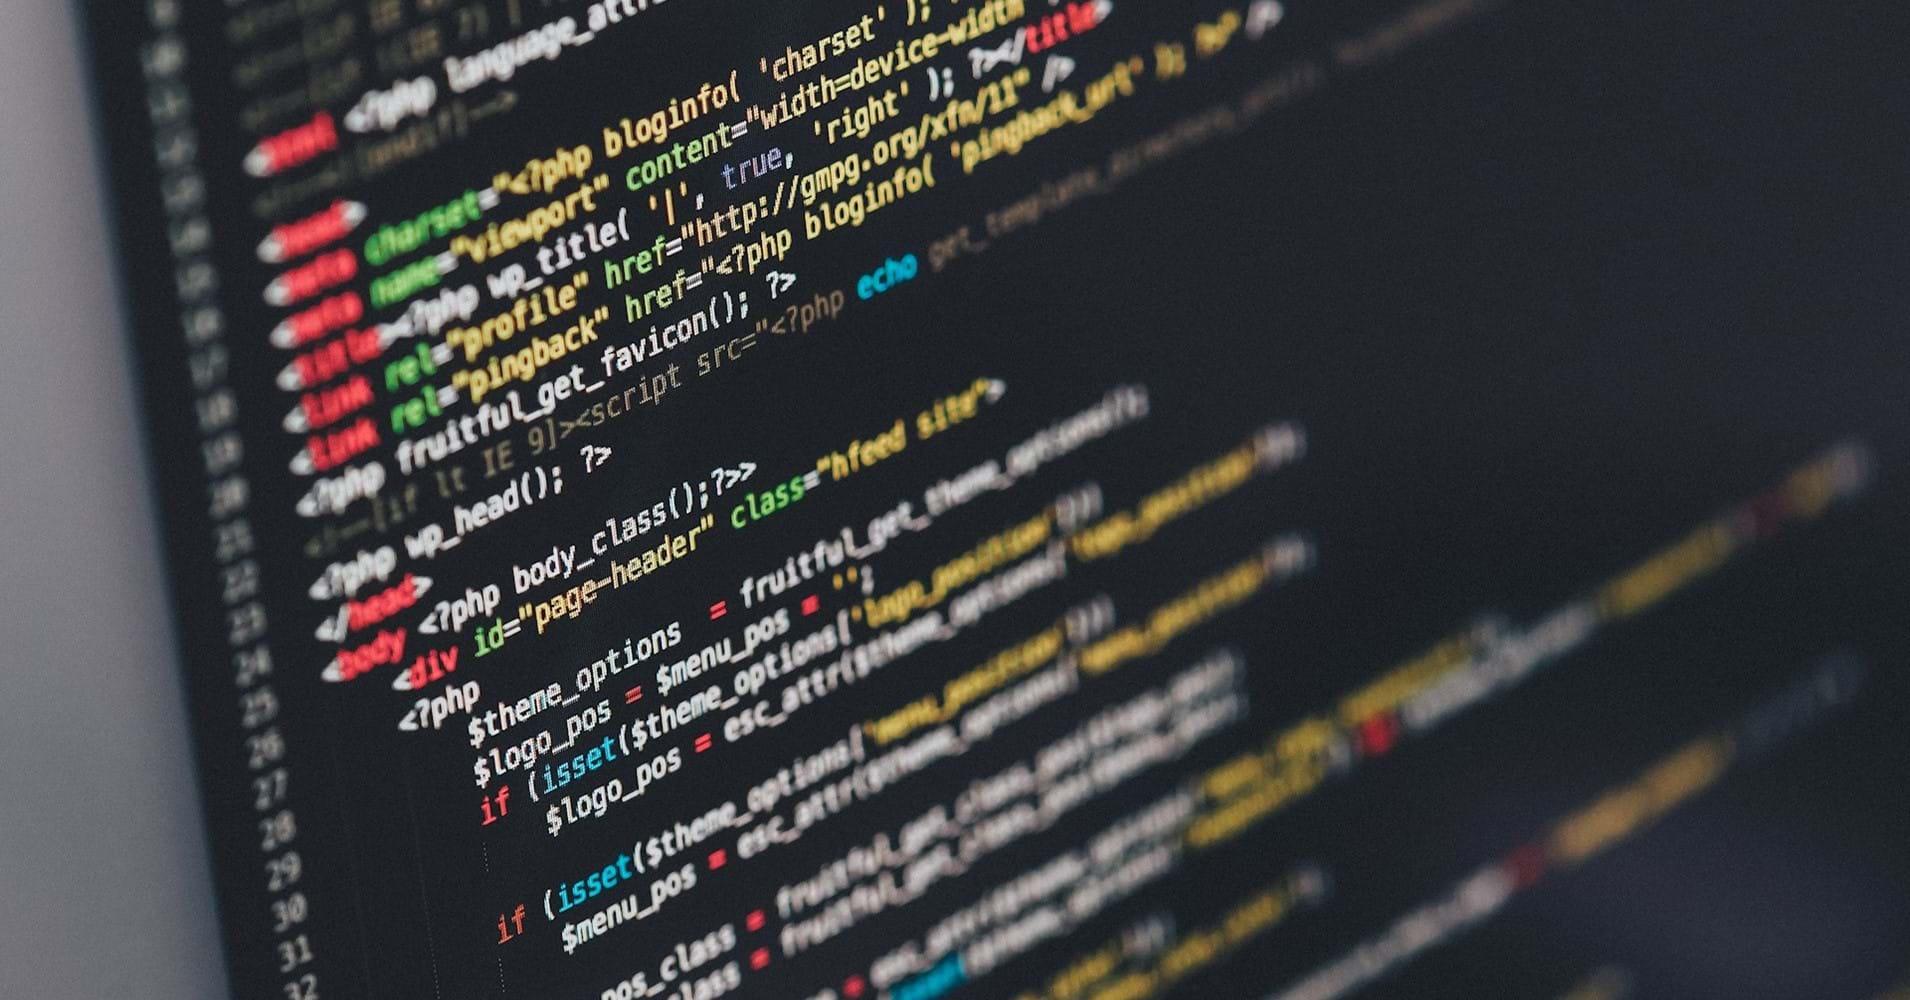 Basic HTML5 Template Layout Example | codeshare.co.uk .NET Web ...